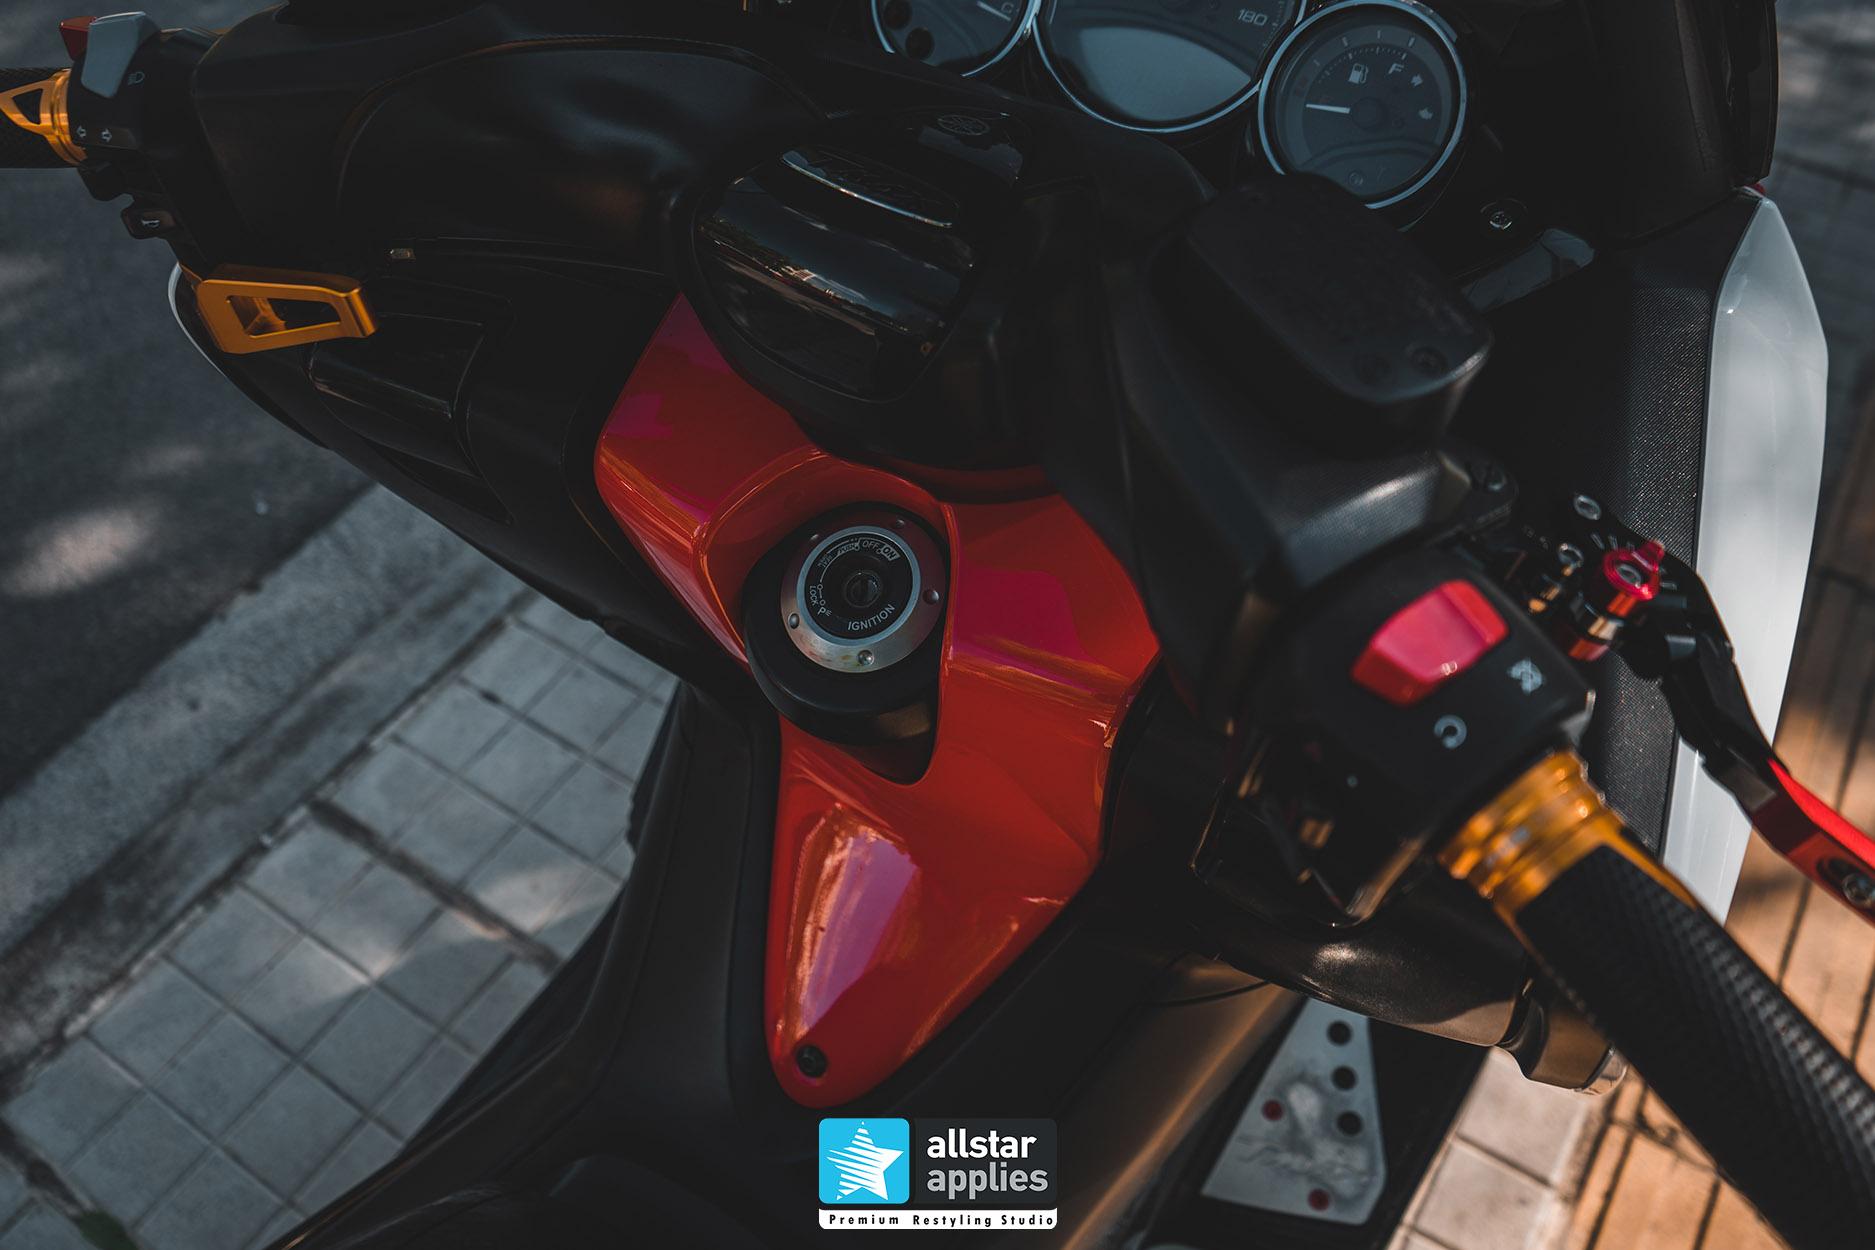 TMAX 500 ALLSTAR APPLIES 17